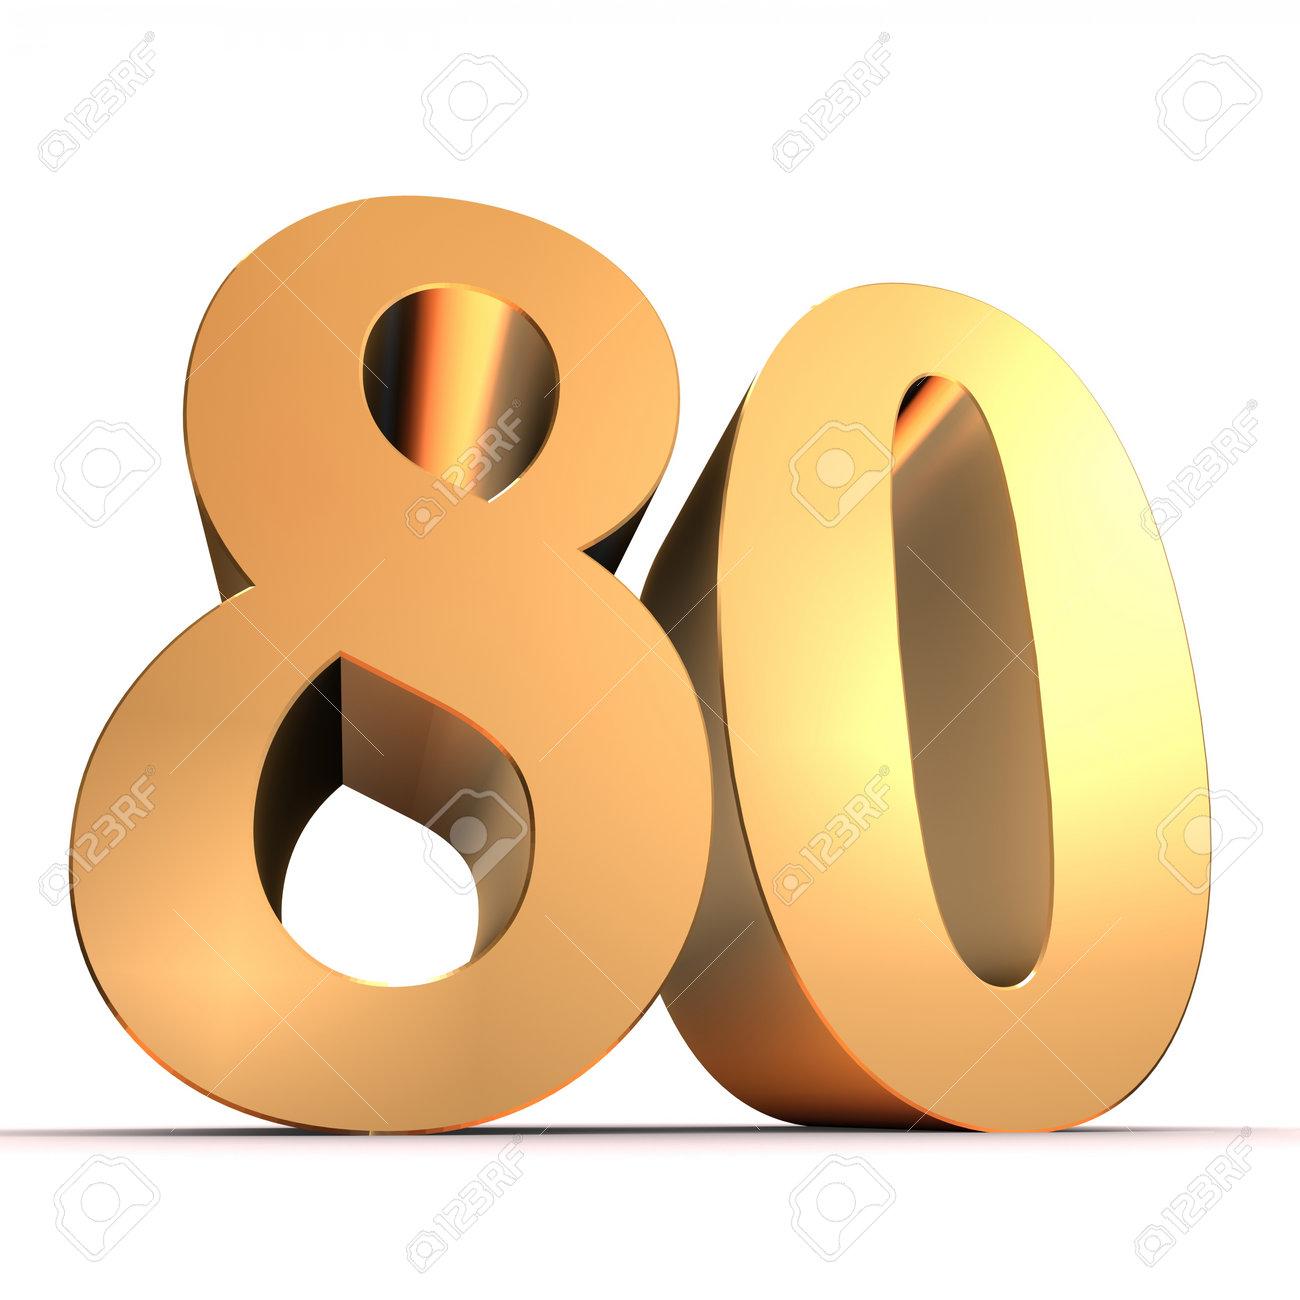 ゴールデン番号 80 ロイヤリティーフリーフォト ピクチャー 画像